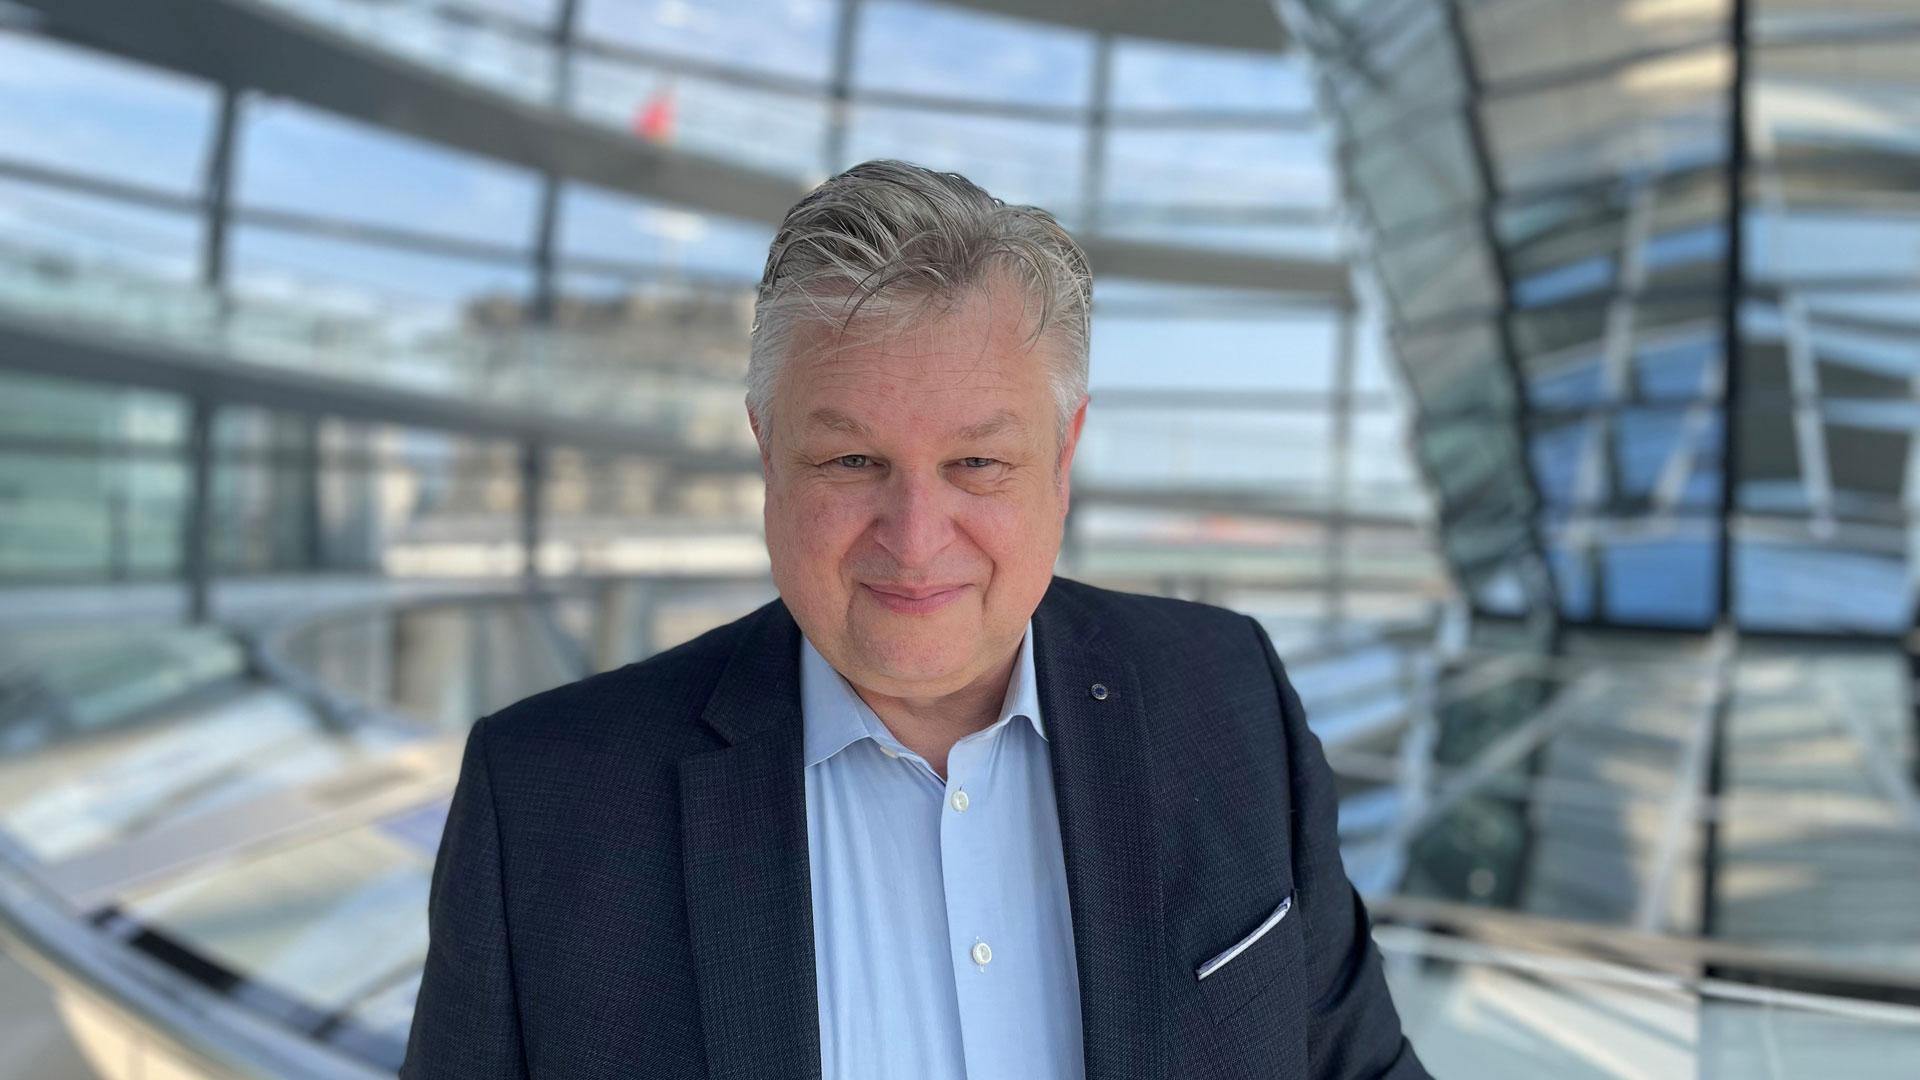 Politik schafft Zukunft // im Gespräch mit Michael Link, Mitglied des Deutschen Bundestags // ZZPodcast #20